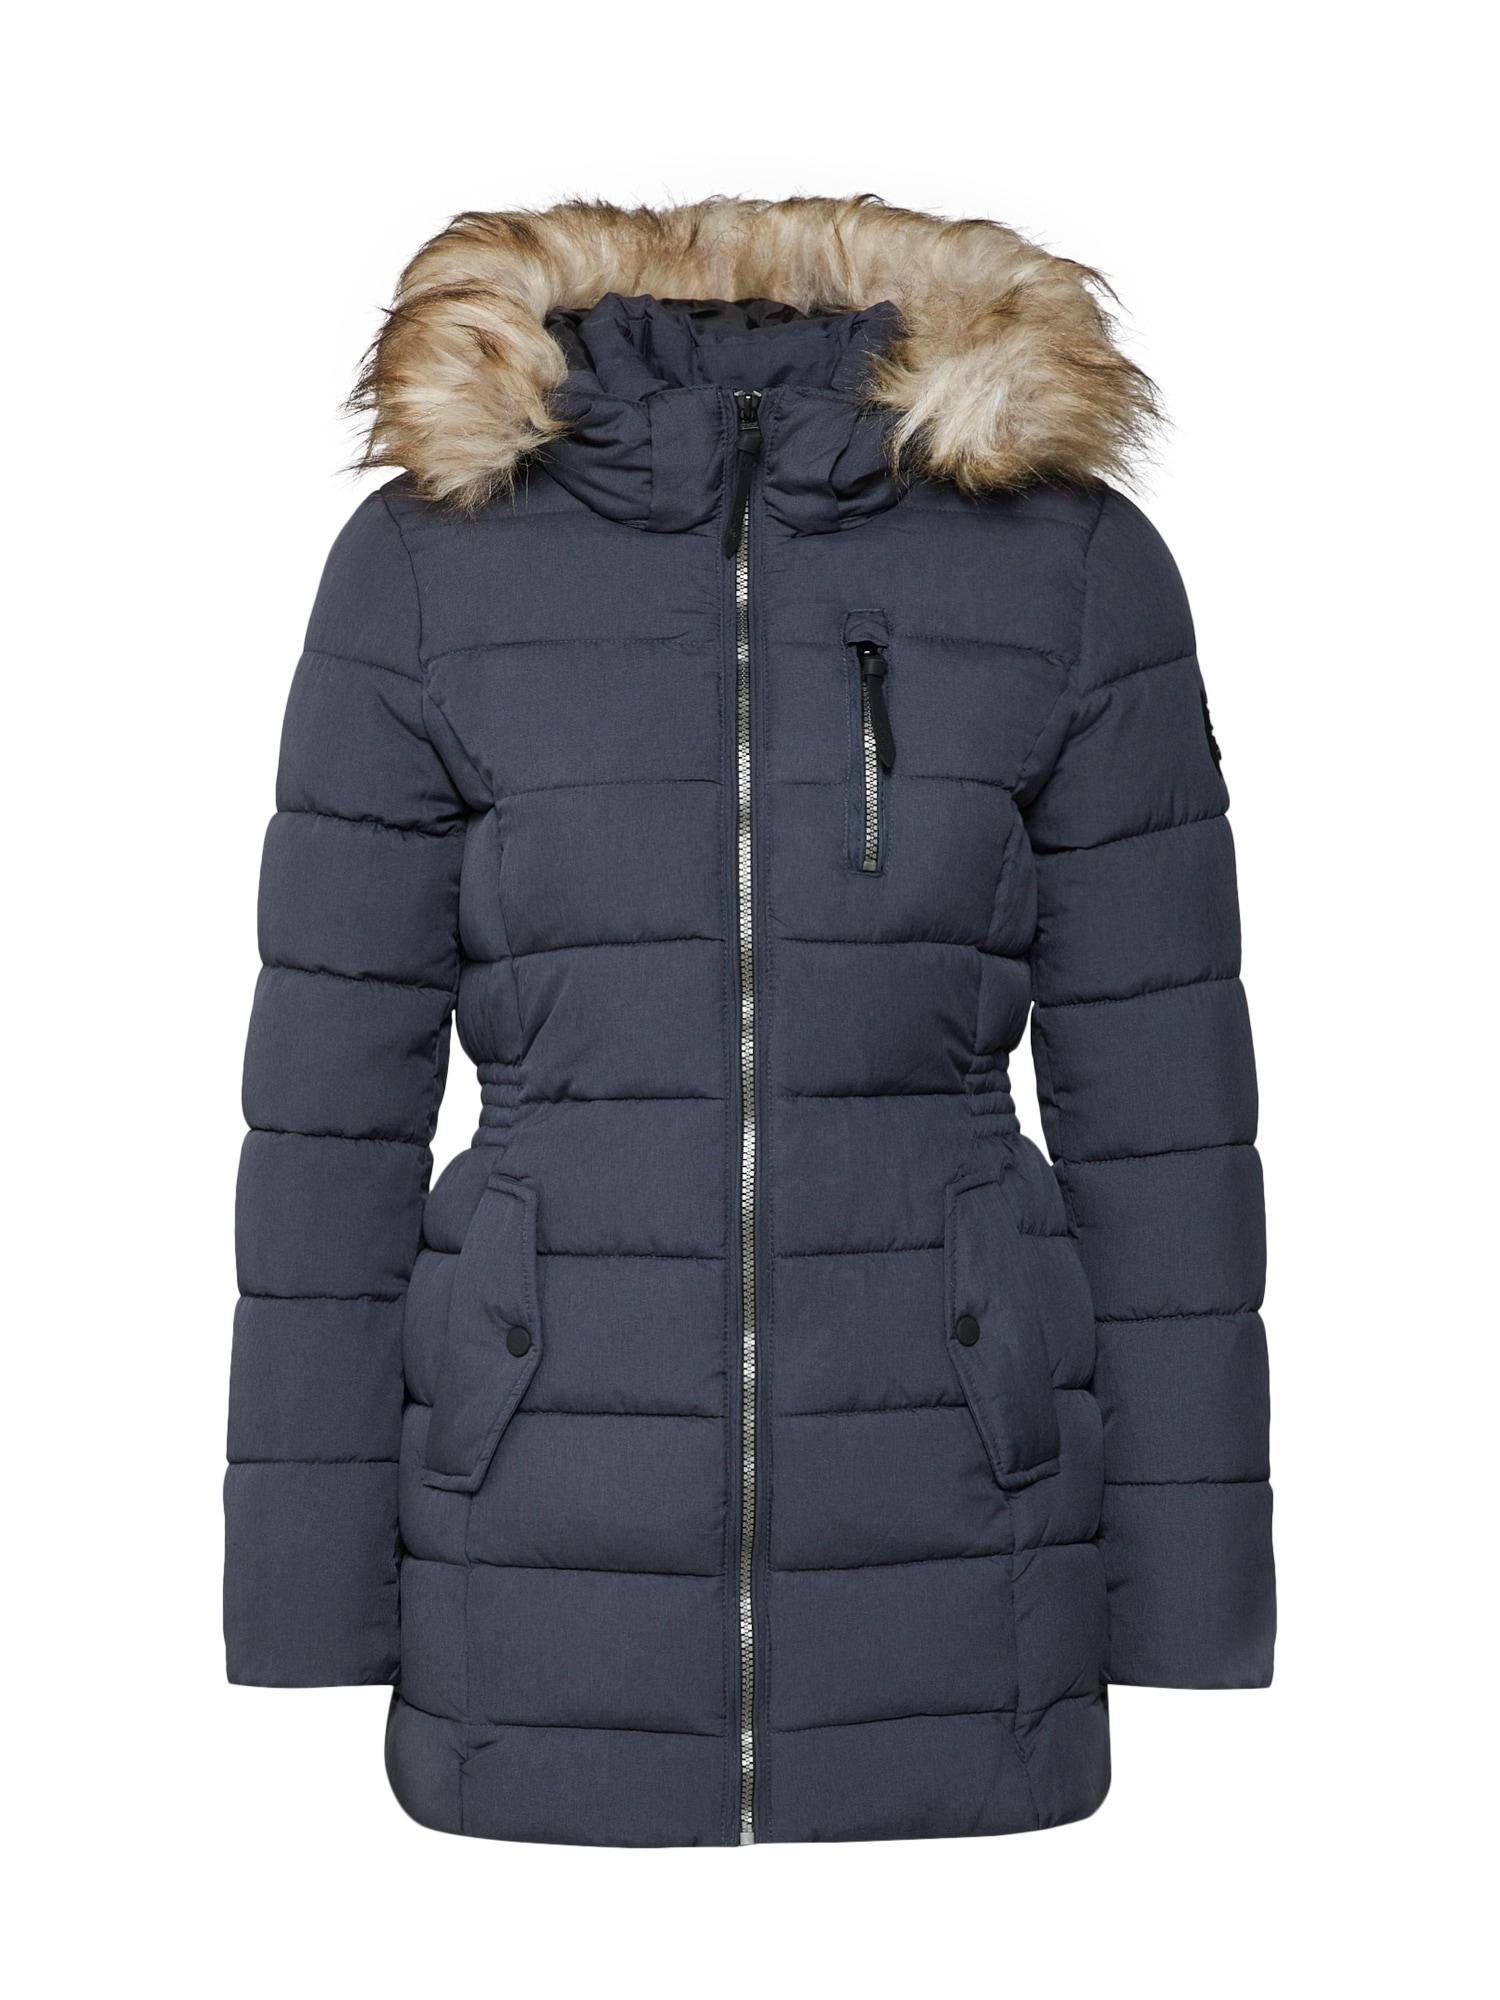 Zimní kabát onlNORTH světle béžová tmavě béžová námořnická modř hnědá ONLY